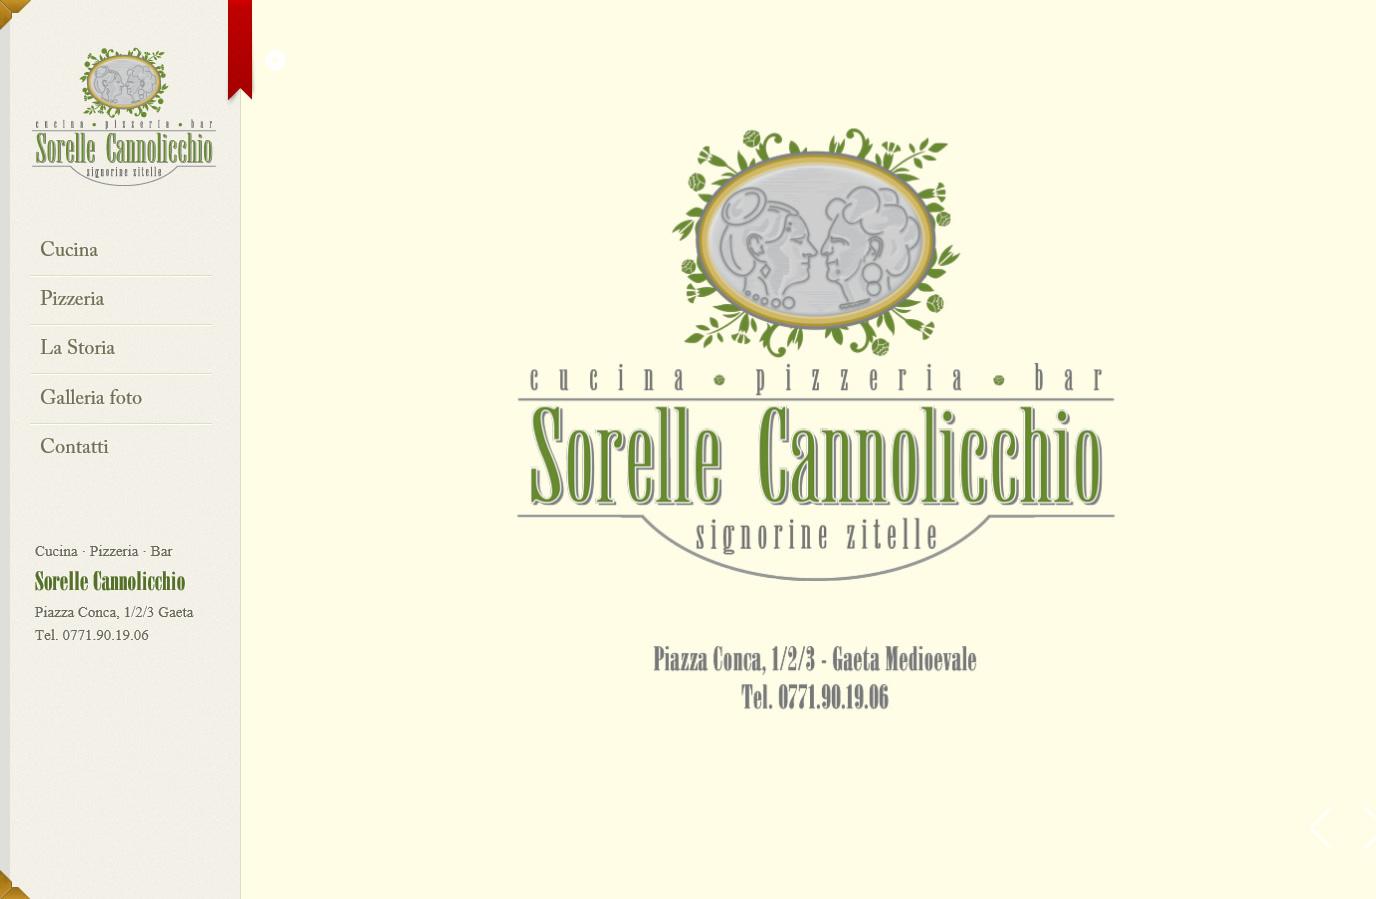 Sorelle Cannolicchio